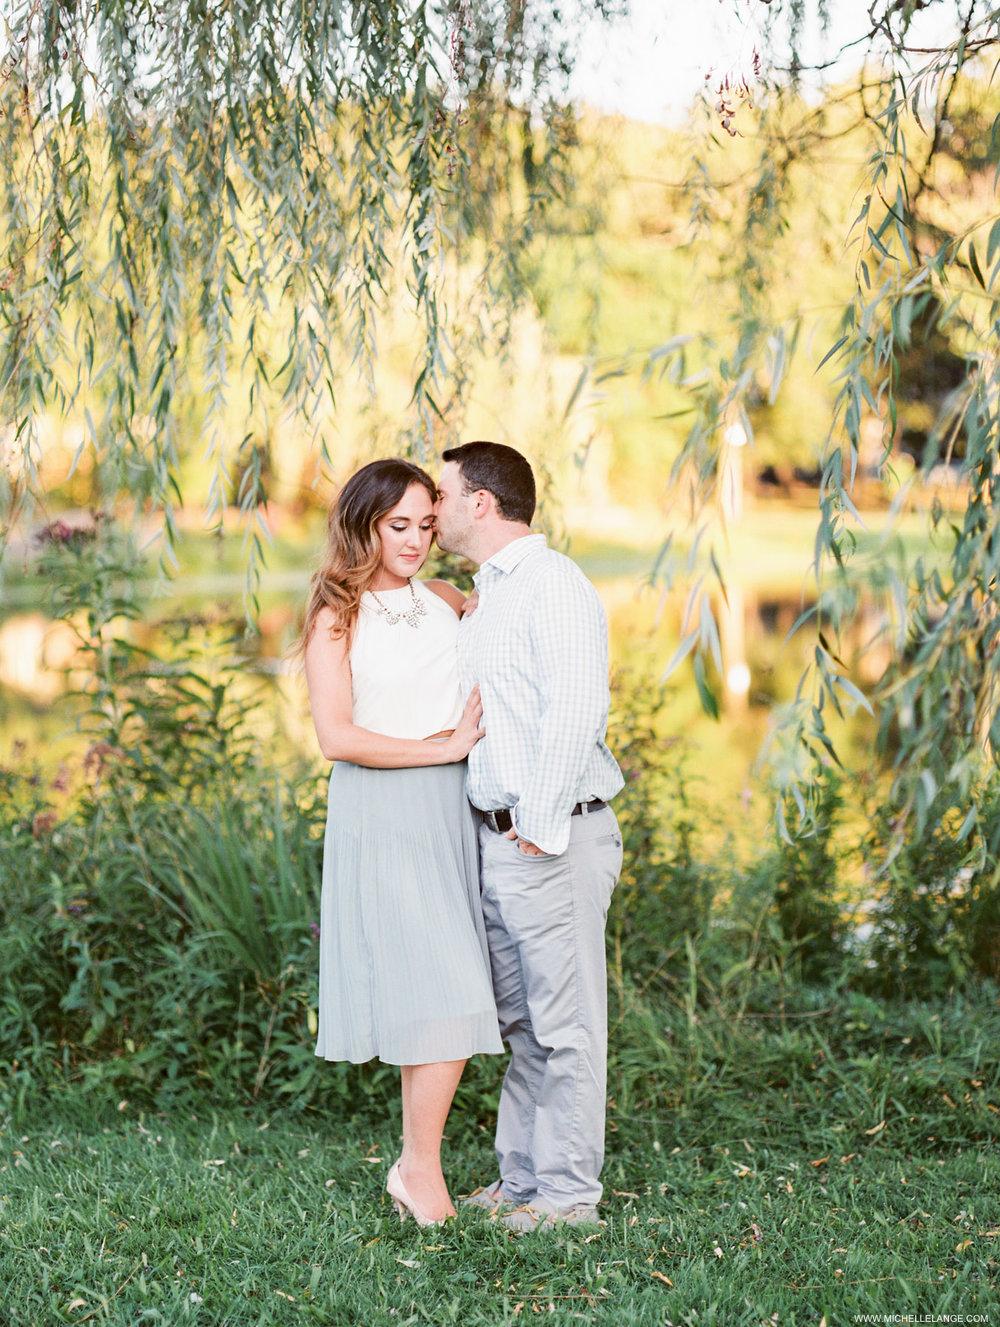 NJ Wedding and Engagement PhotographerNJ Wedding and Engagement Photographer